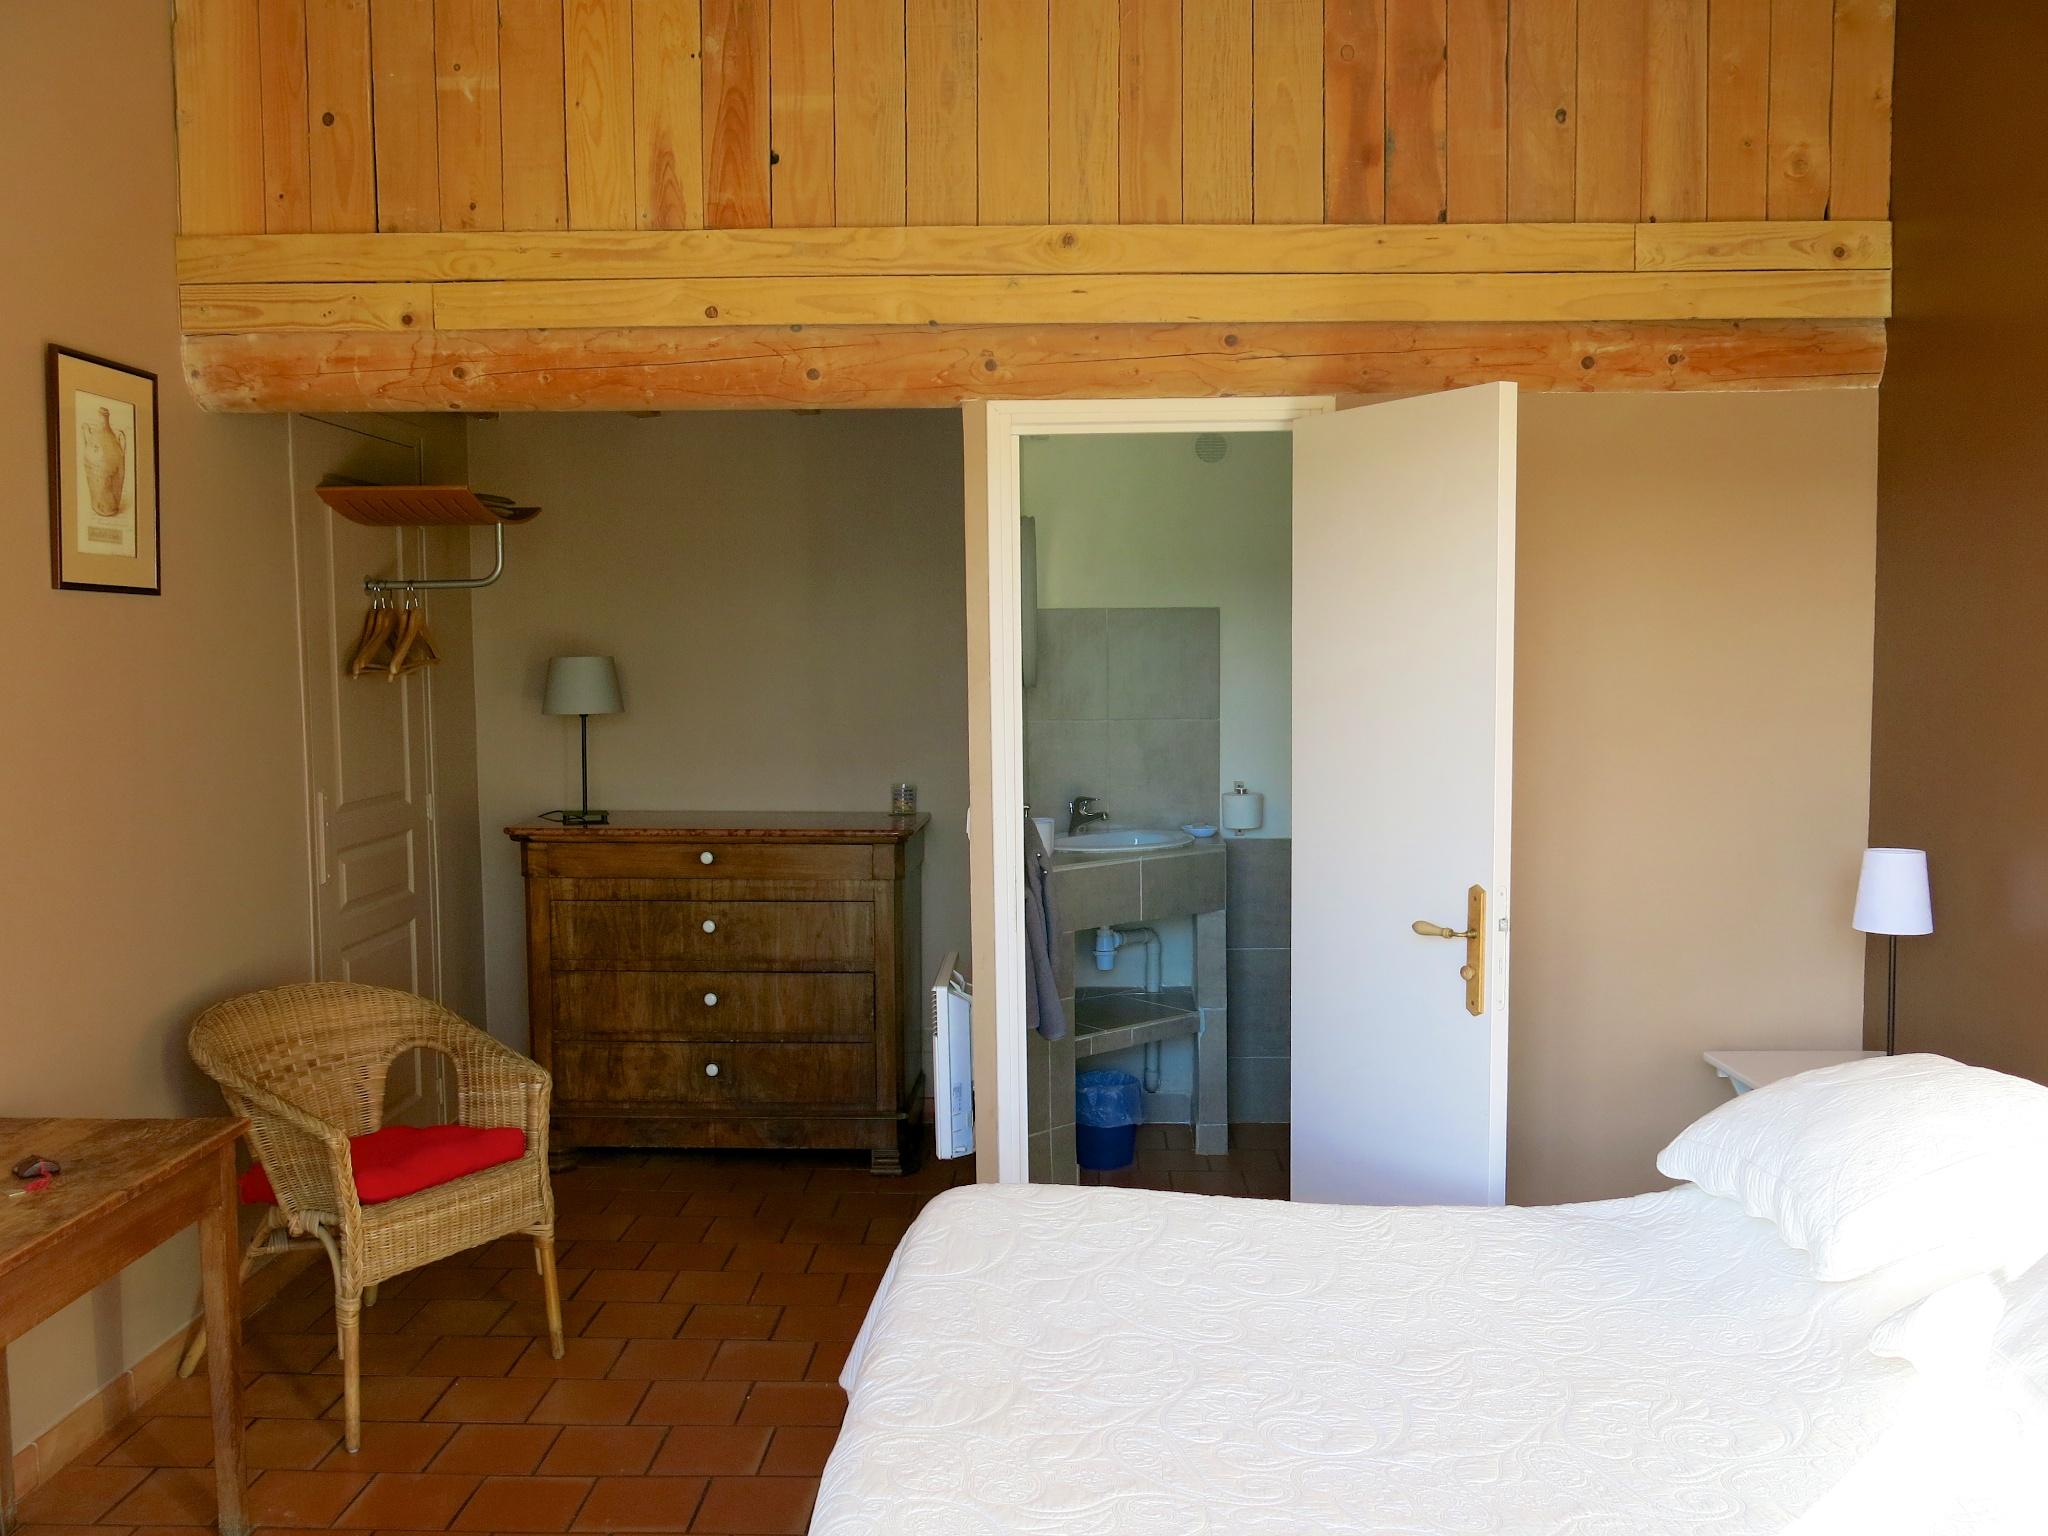 Les chambres chambres d 39 h tes les oliviers chambres d for Chambres d hotes gorges du verdon